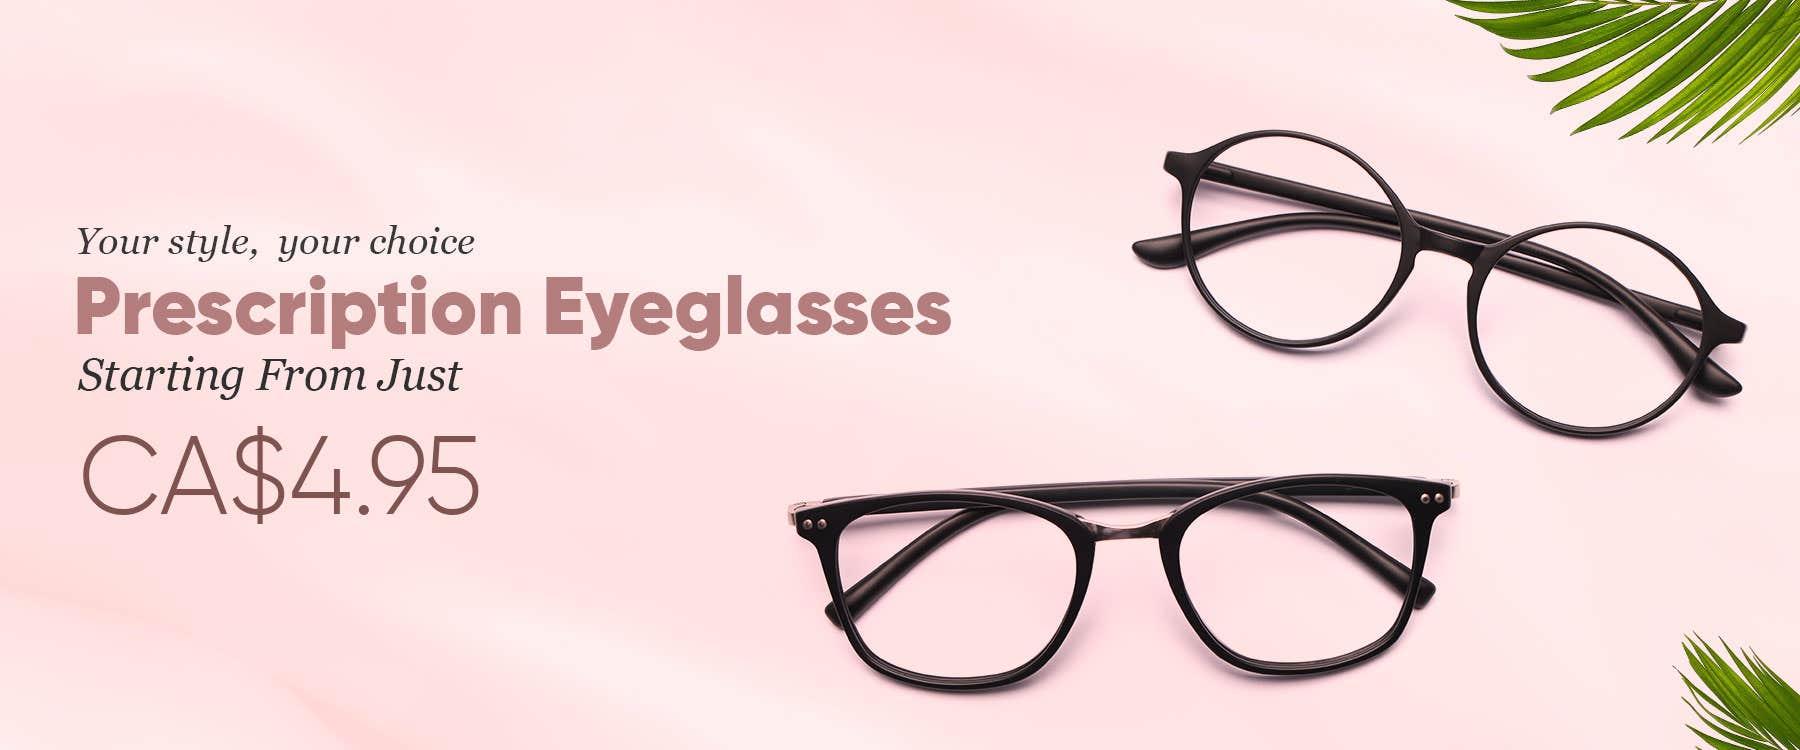 Prescription Eyeglasses Starting From Just CA$4.95